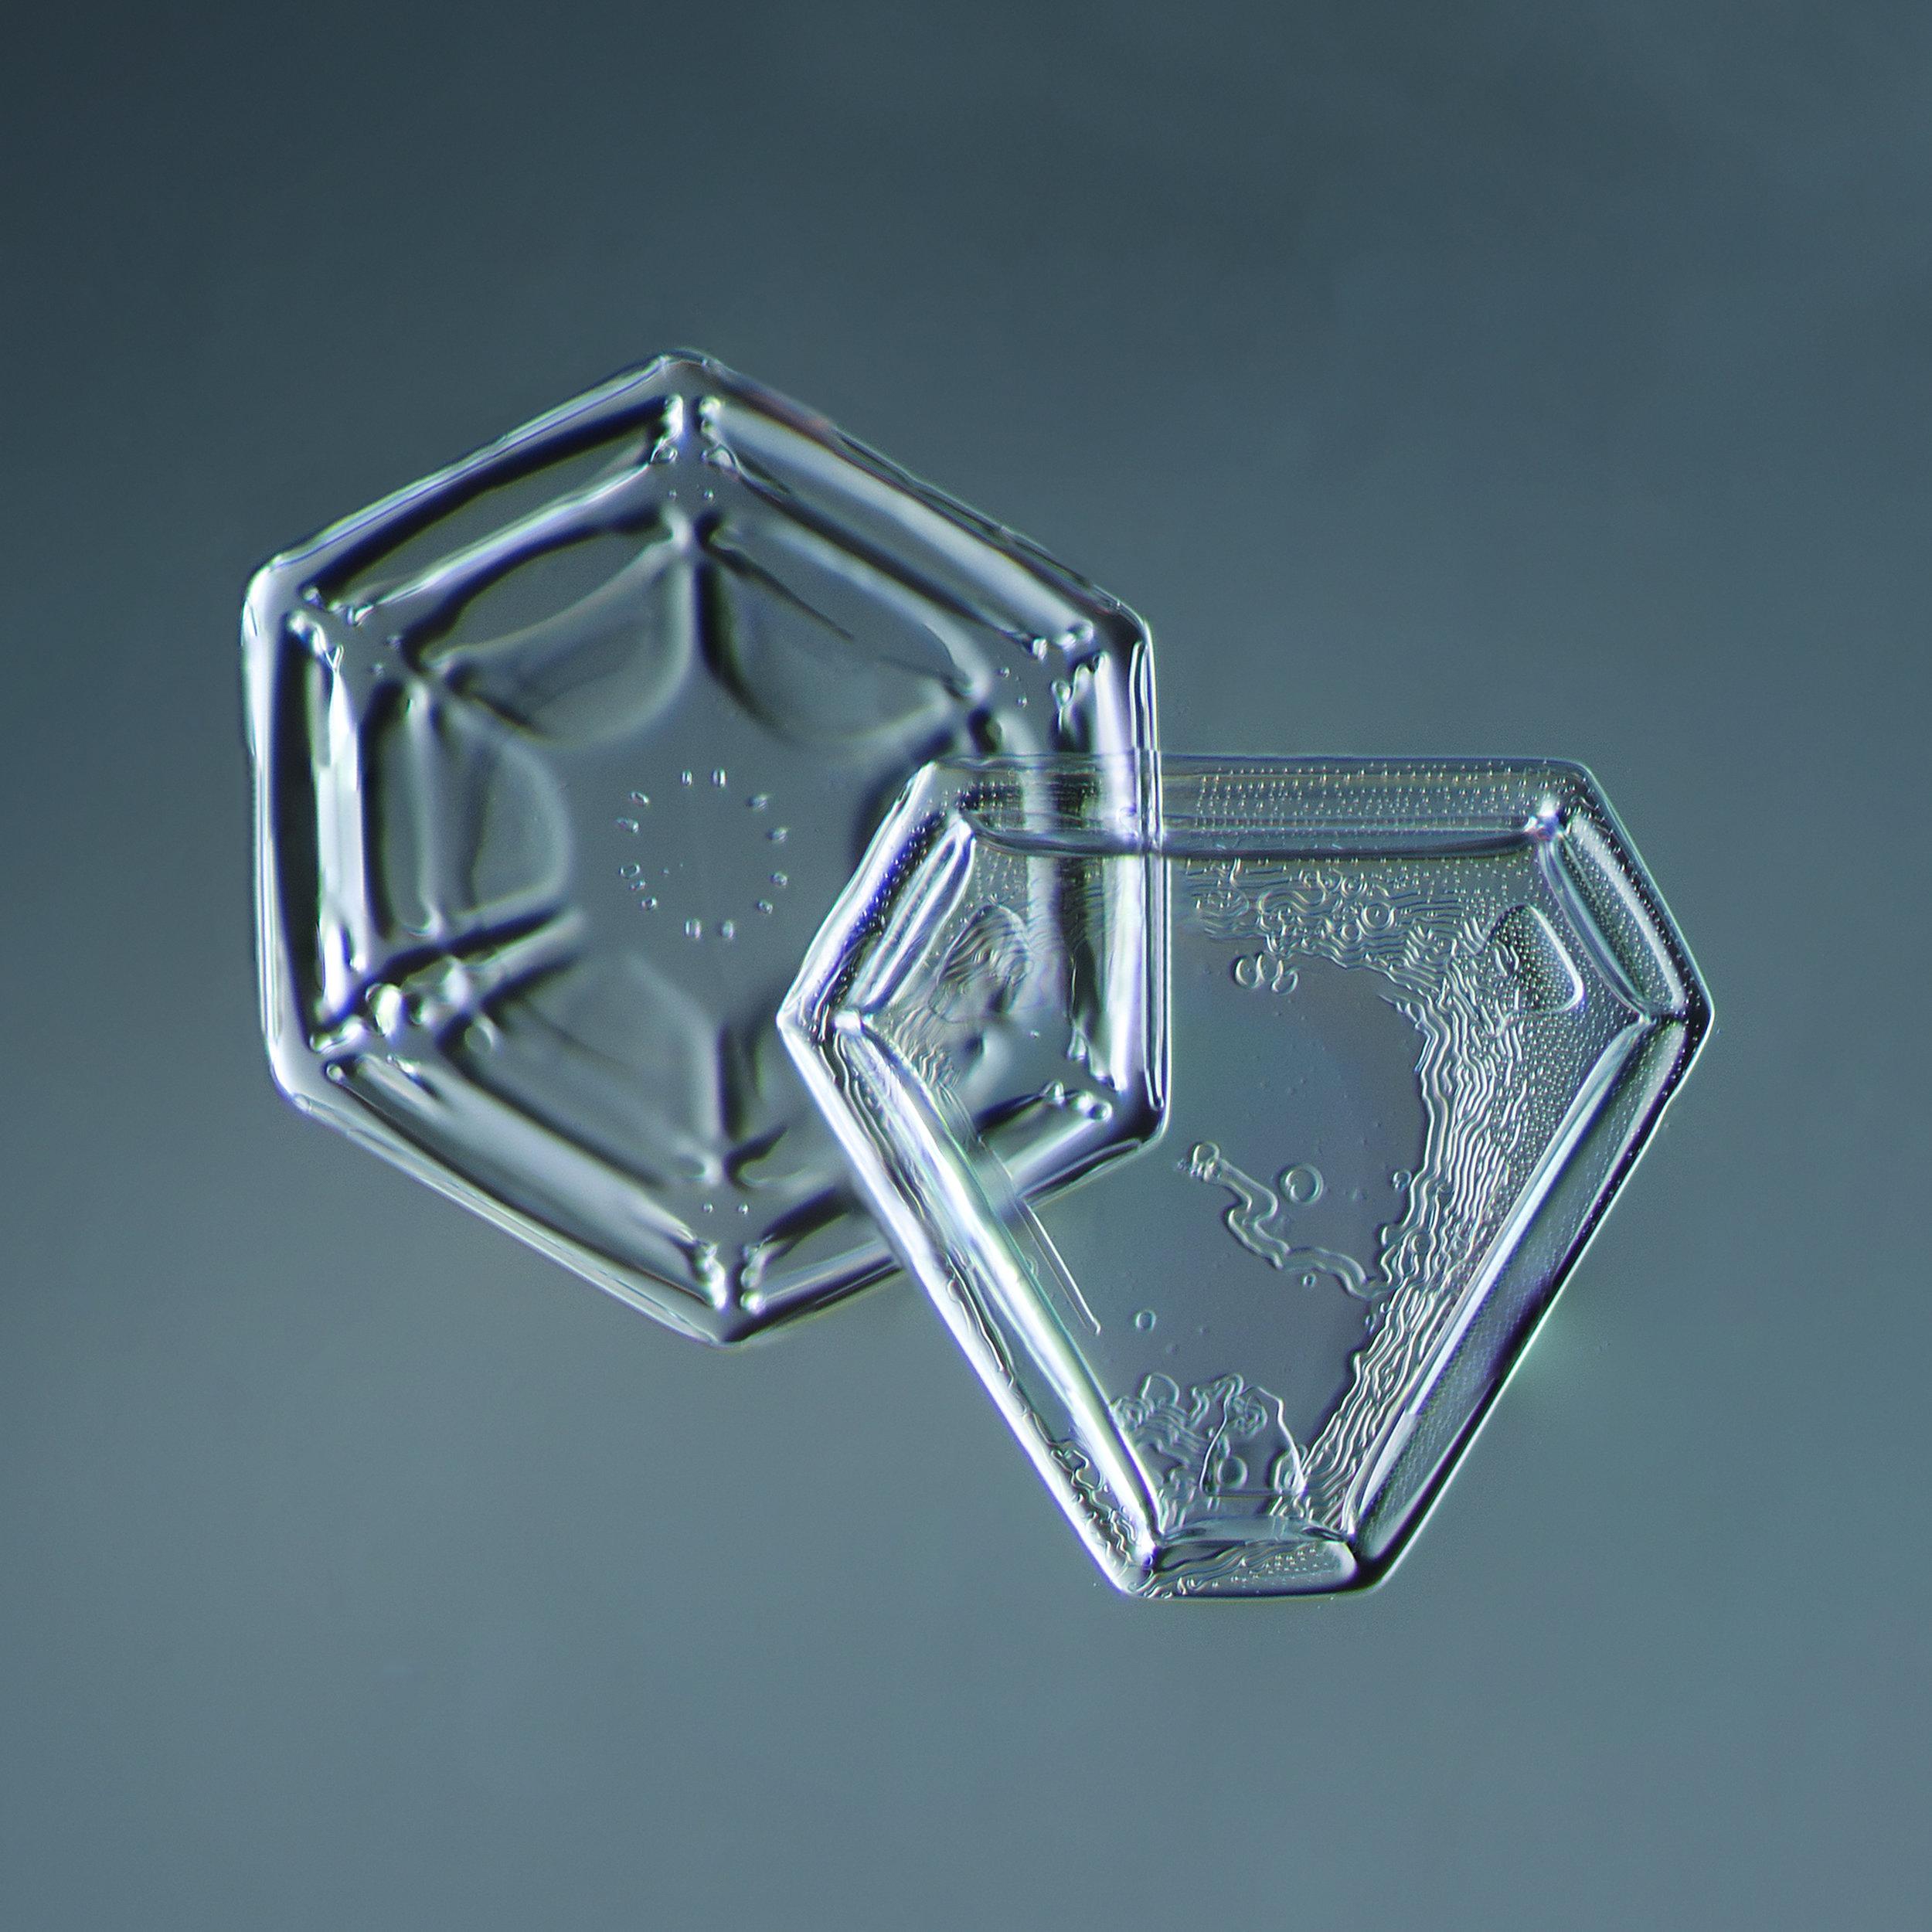 Snowflake 2014.02.09.005.1.JPG